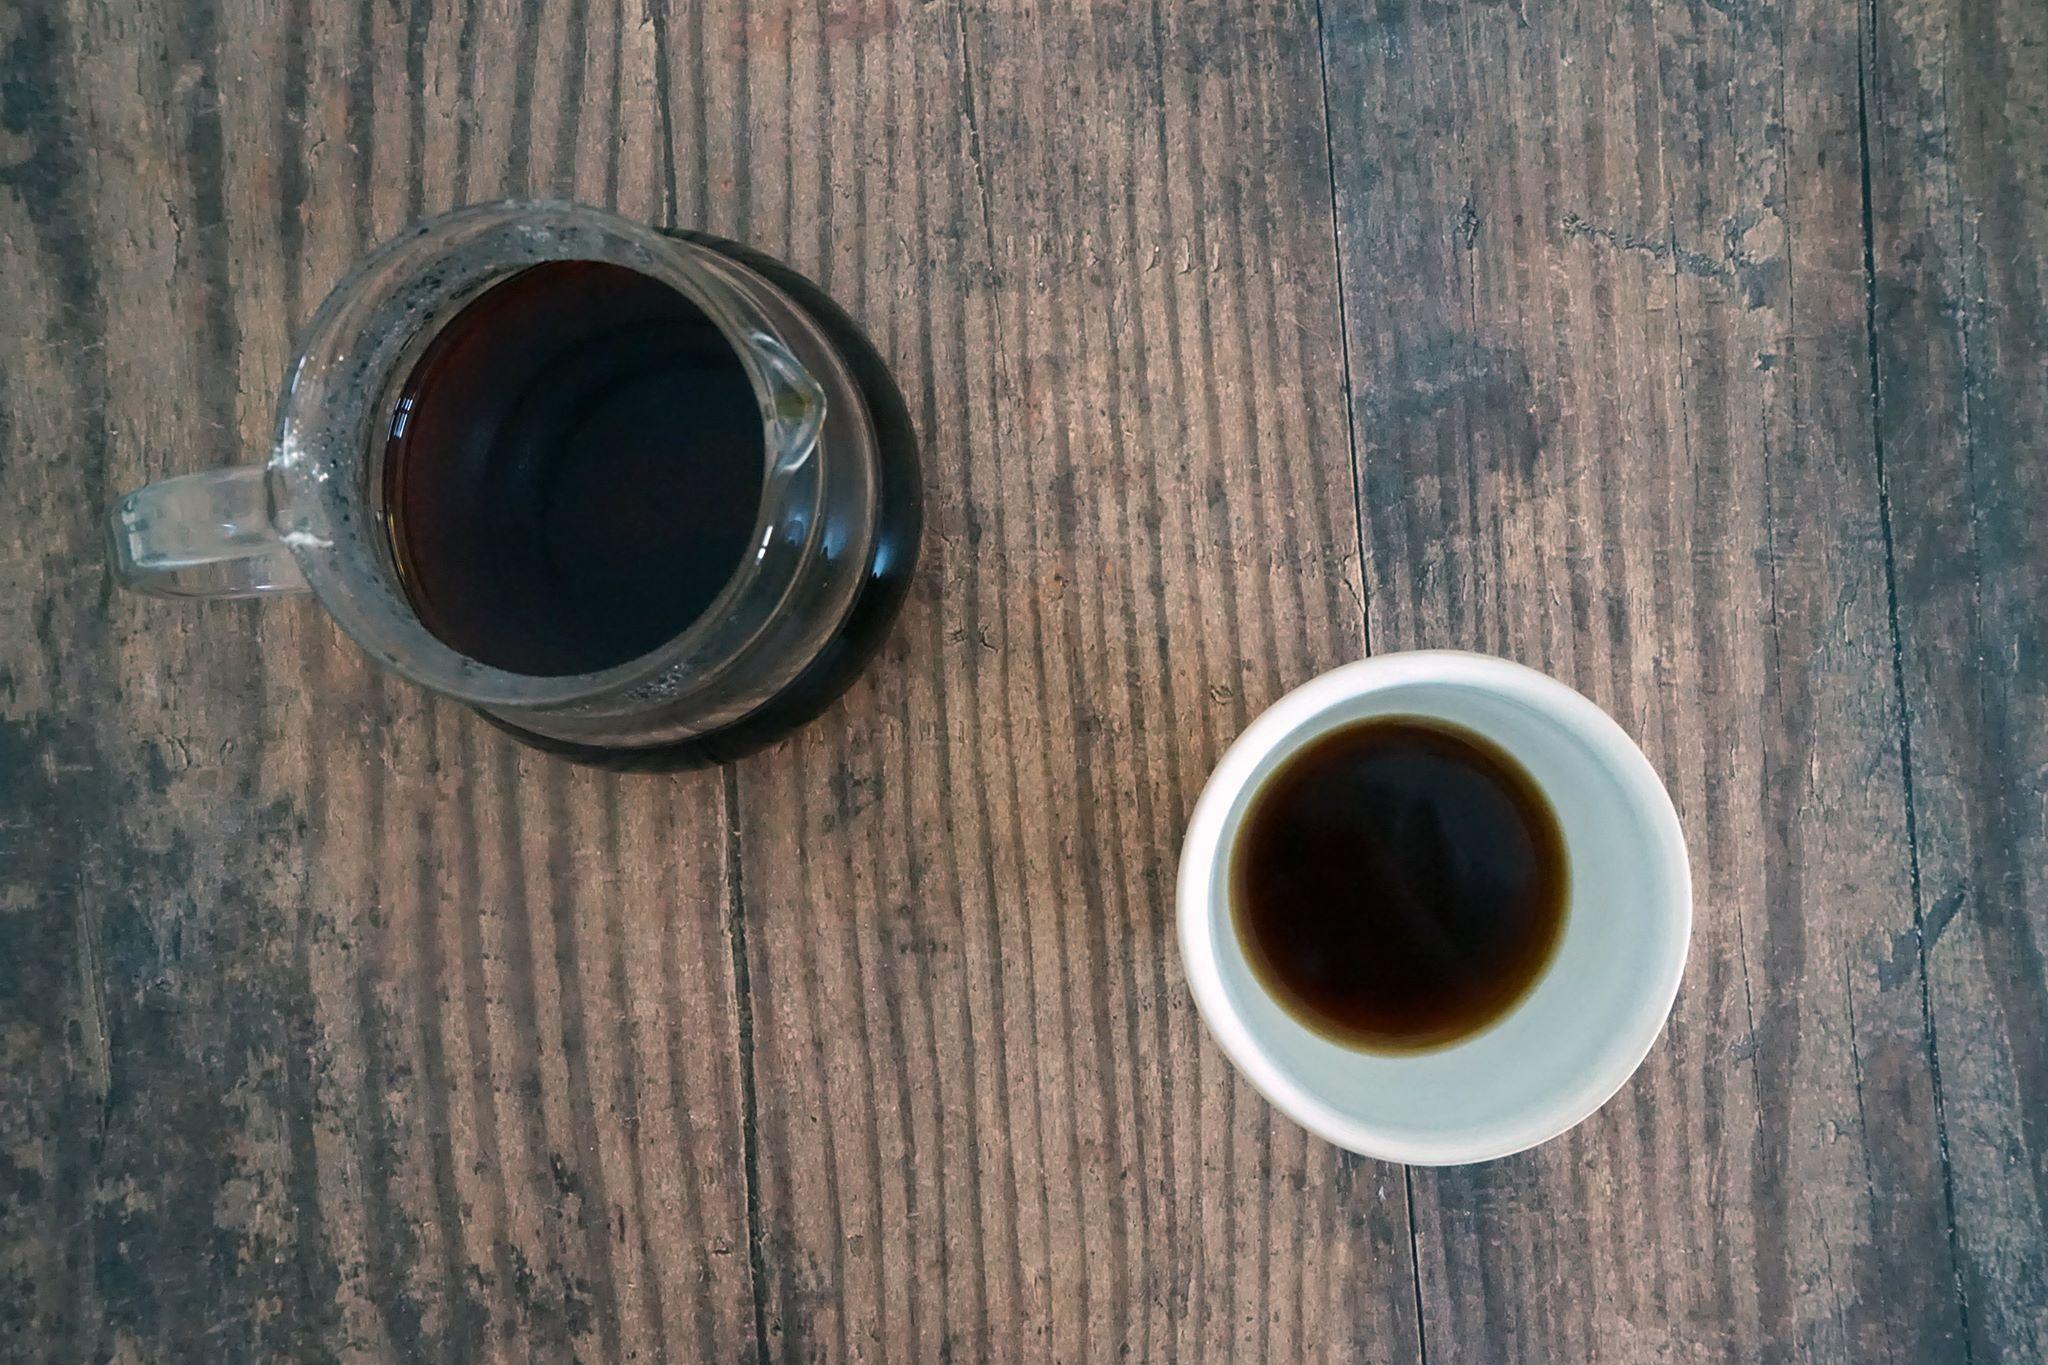 Chceme si udělat klasickou kávu, prostě ne tak hořkou, ale ne tak kyselou. Jak ale na to?